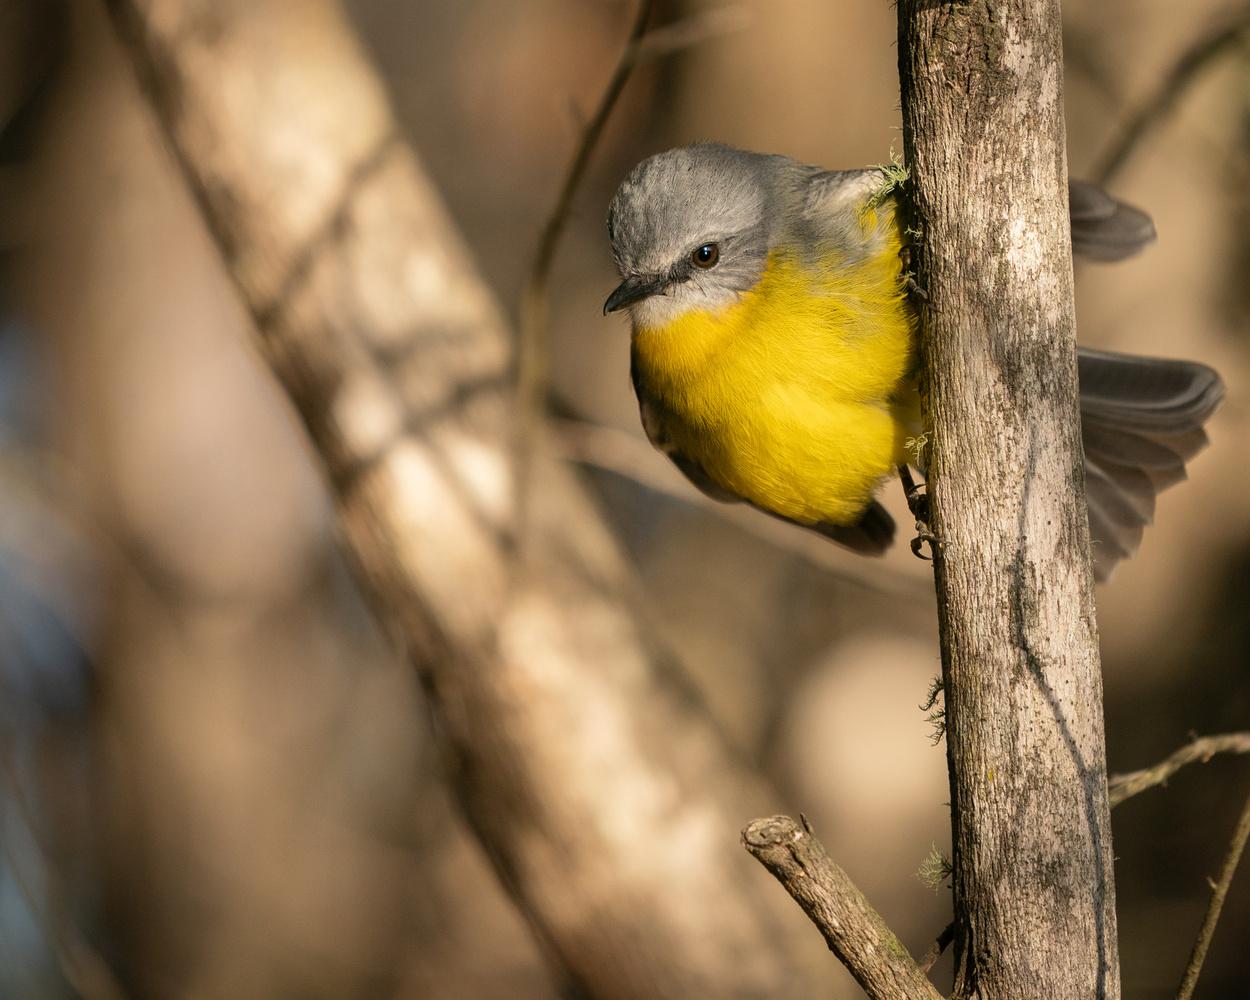 The Eastern Yellow Robin by Daniel van Duinkerken